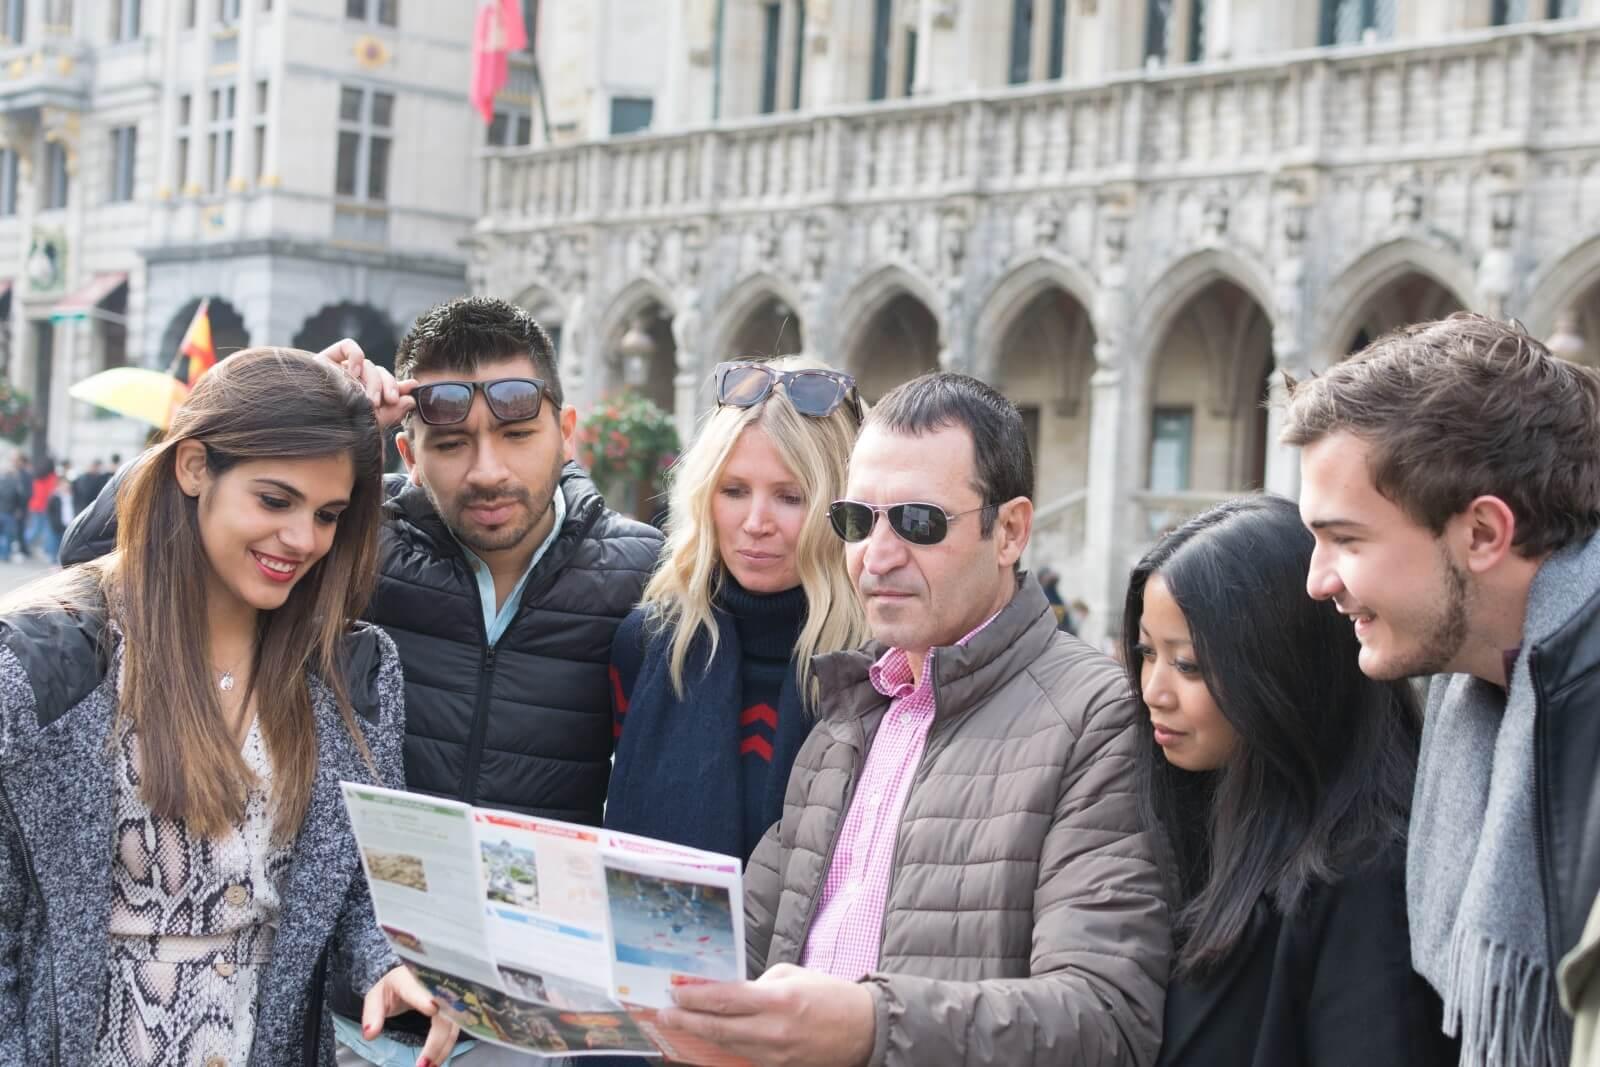 Les 3 meilleures visites gratuites à Bruxelles - Bravo Discovery